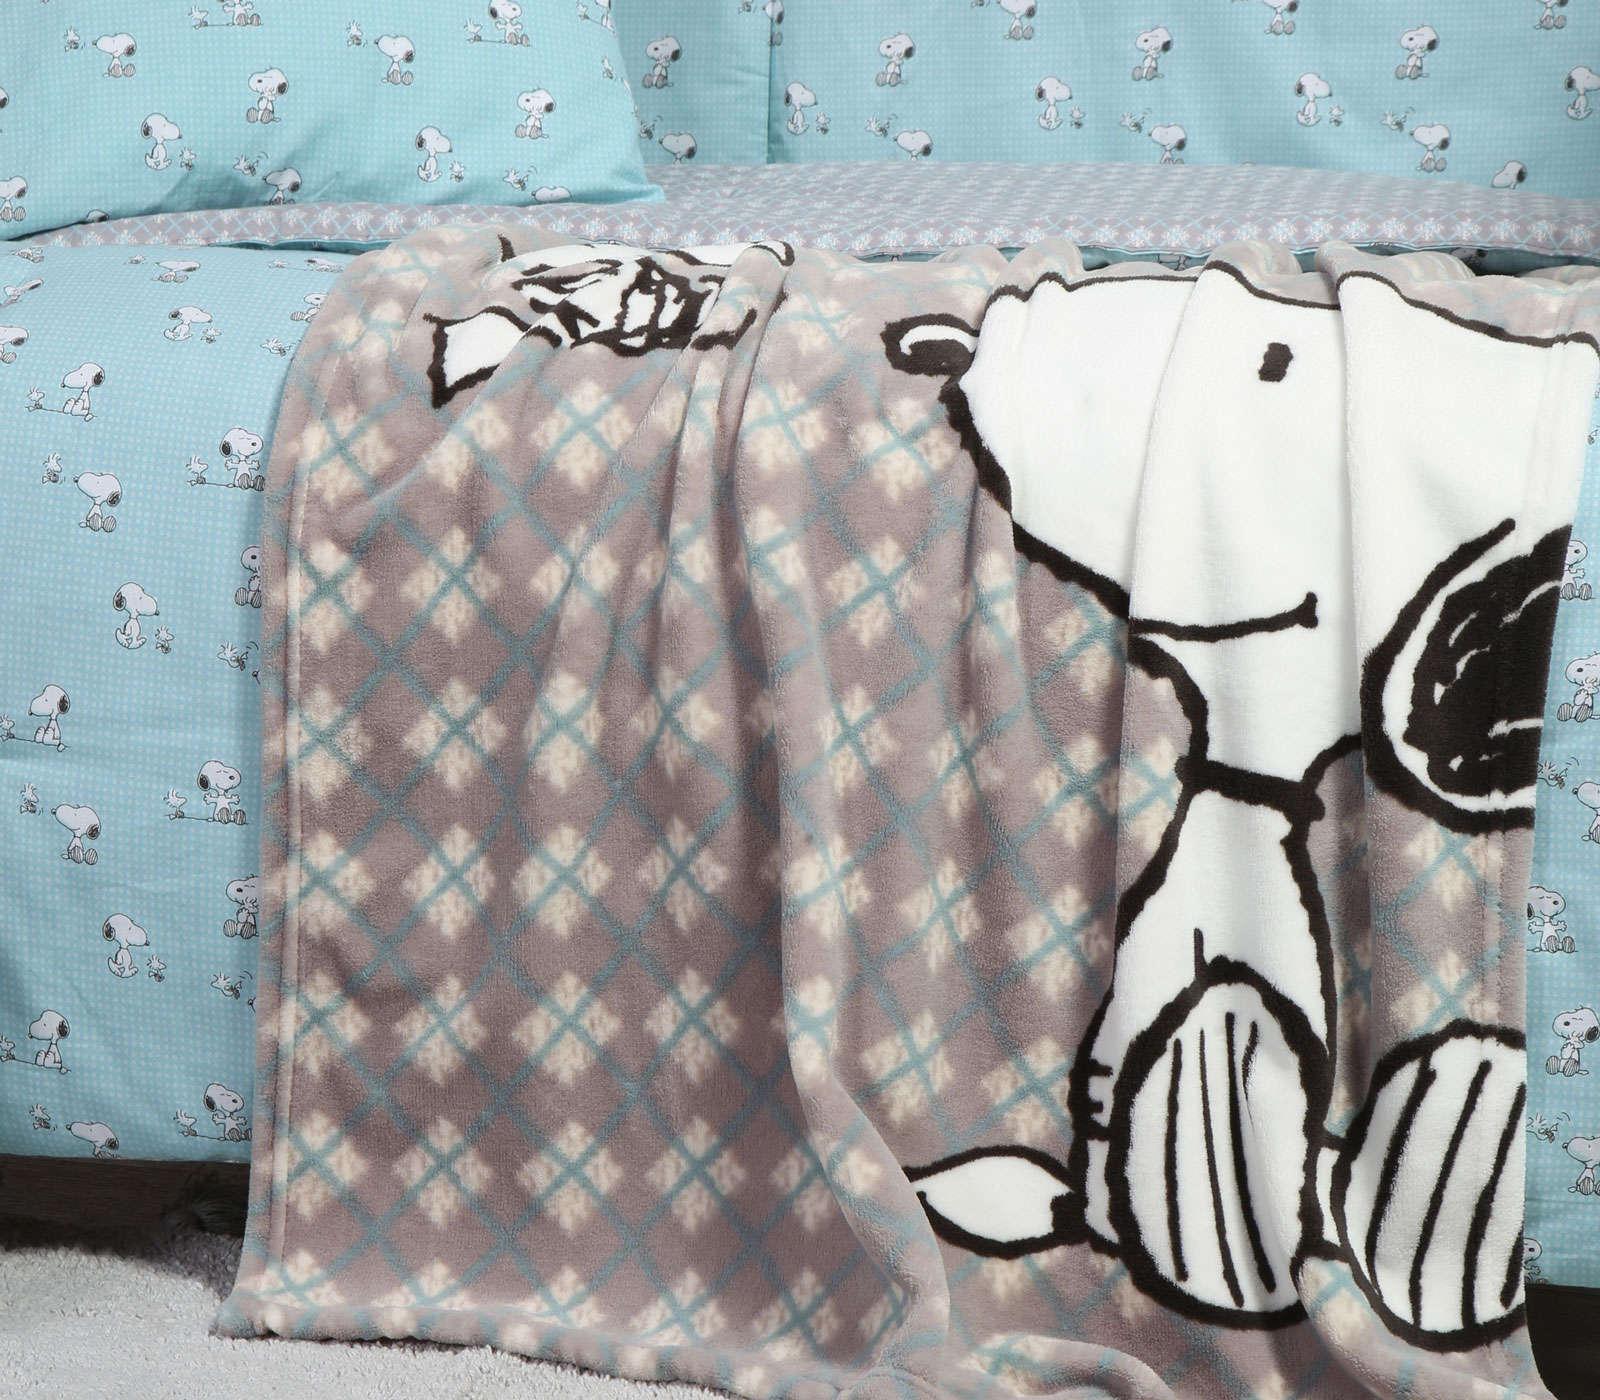 Κουβέρτα Βρεφική Fleece Snoopy Happiness Grey Nef Nef Κούνιας 110x140cm